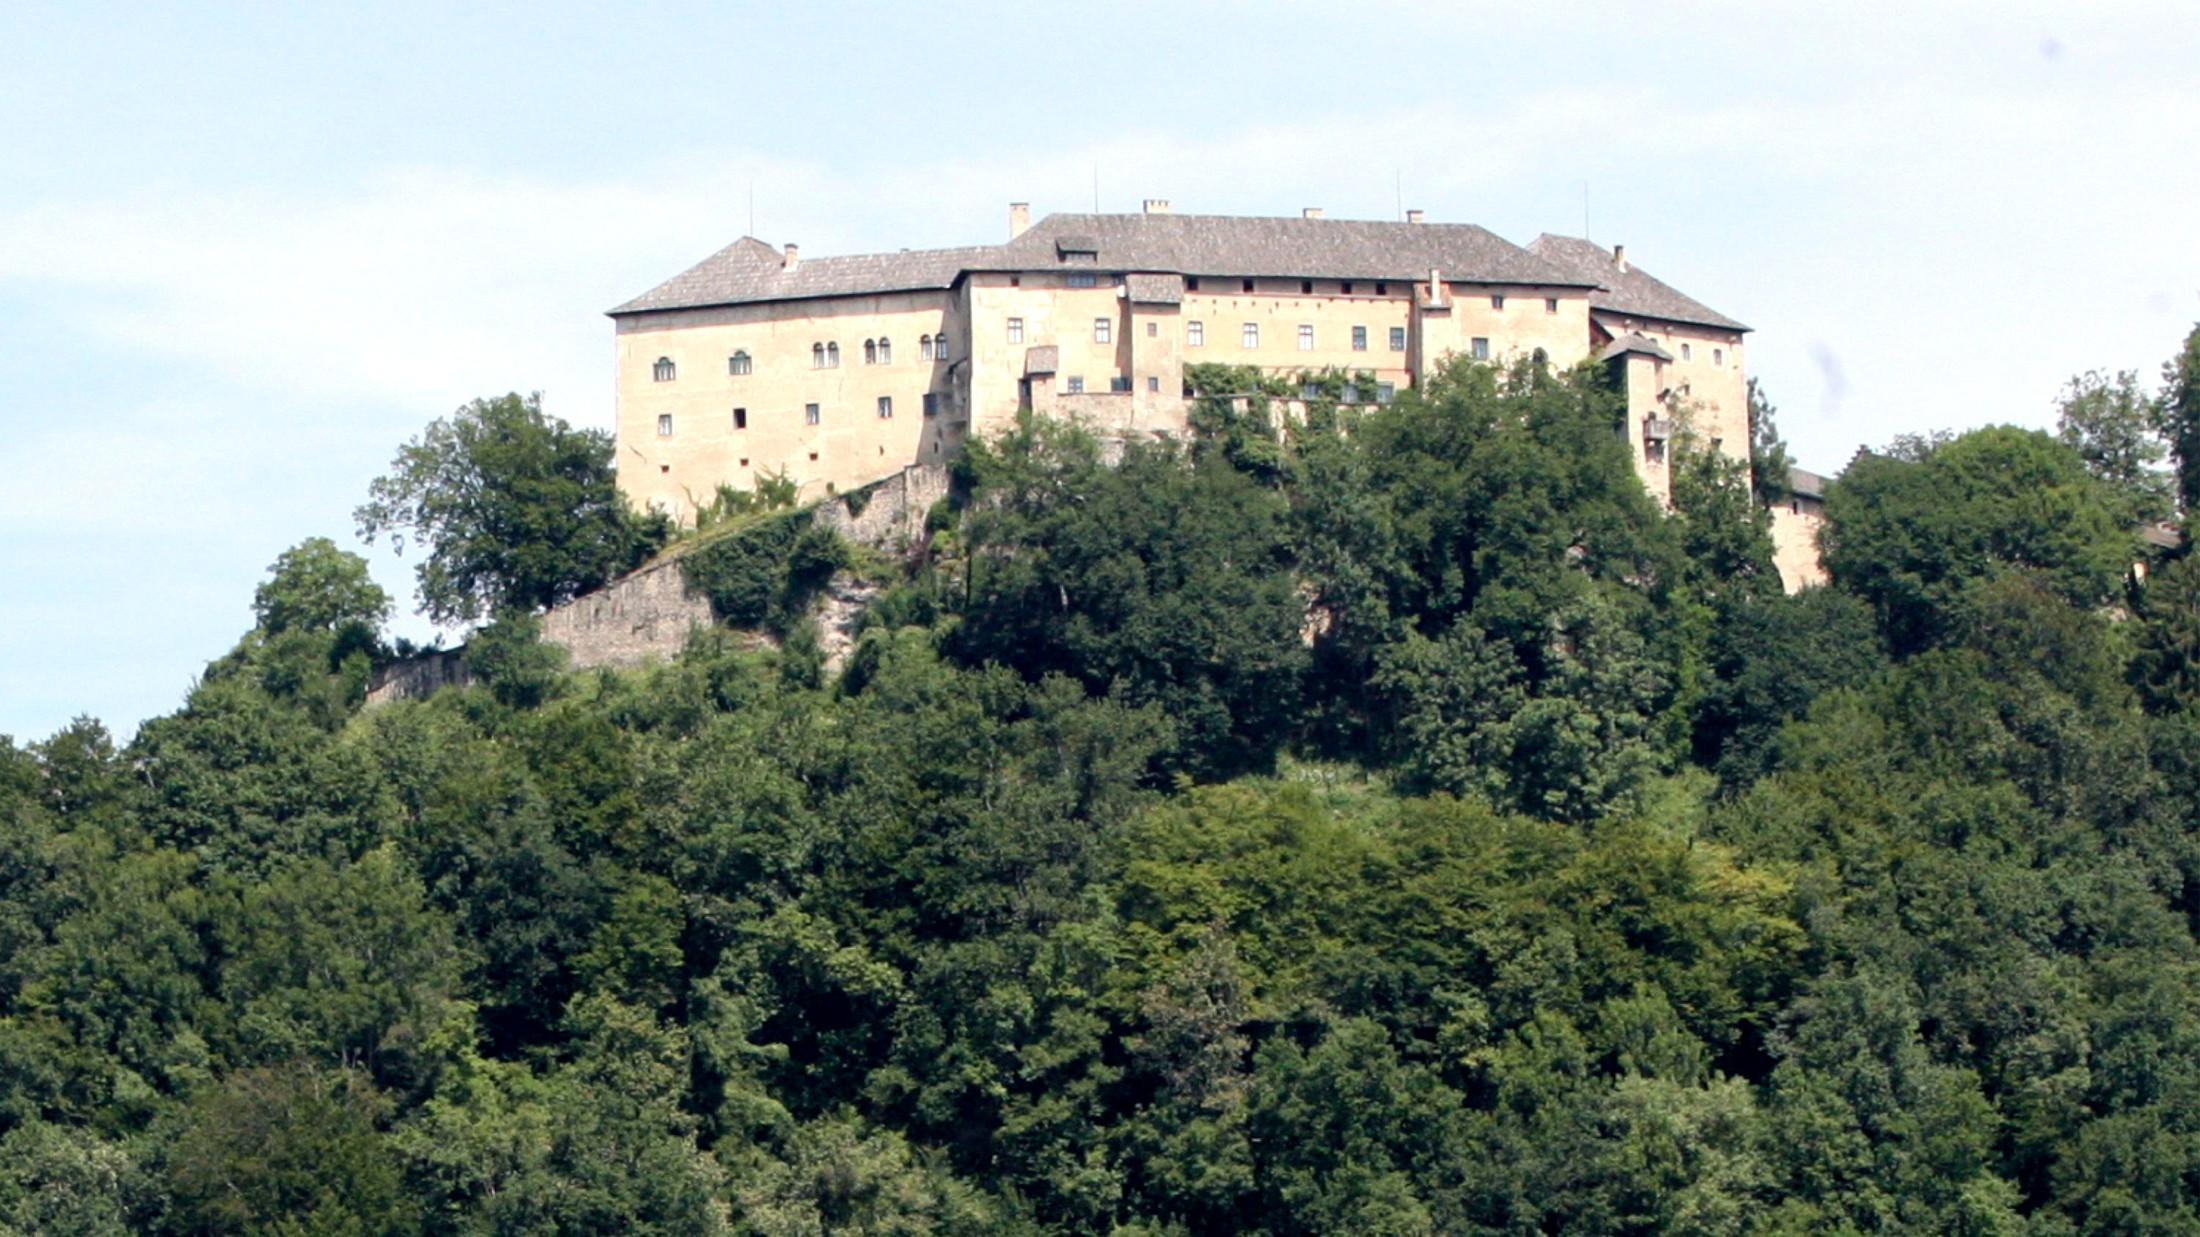 Mietwohnungen bis 100 m in Ferlach, Klagenfurt Land